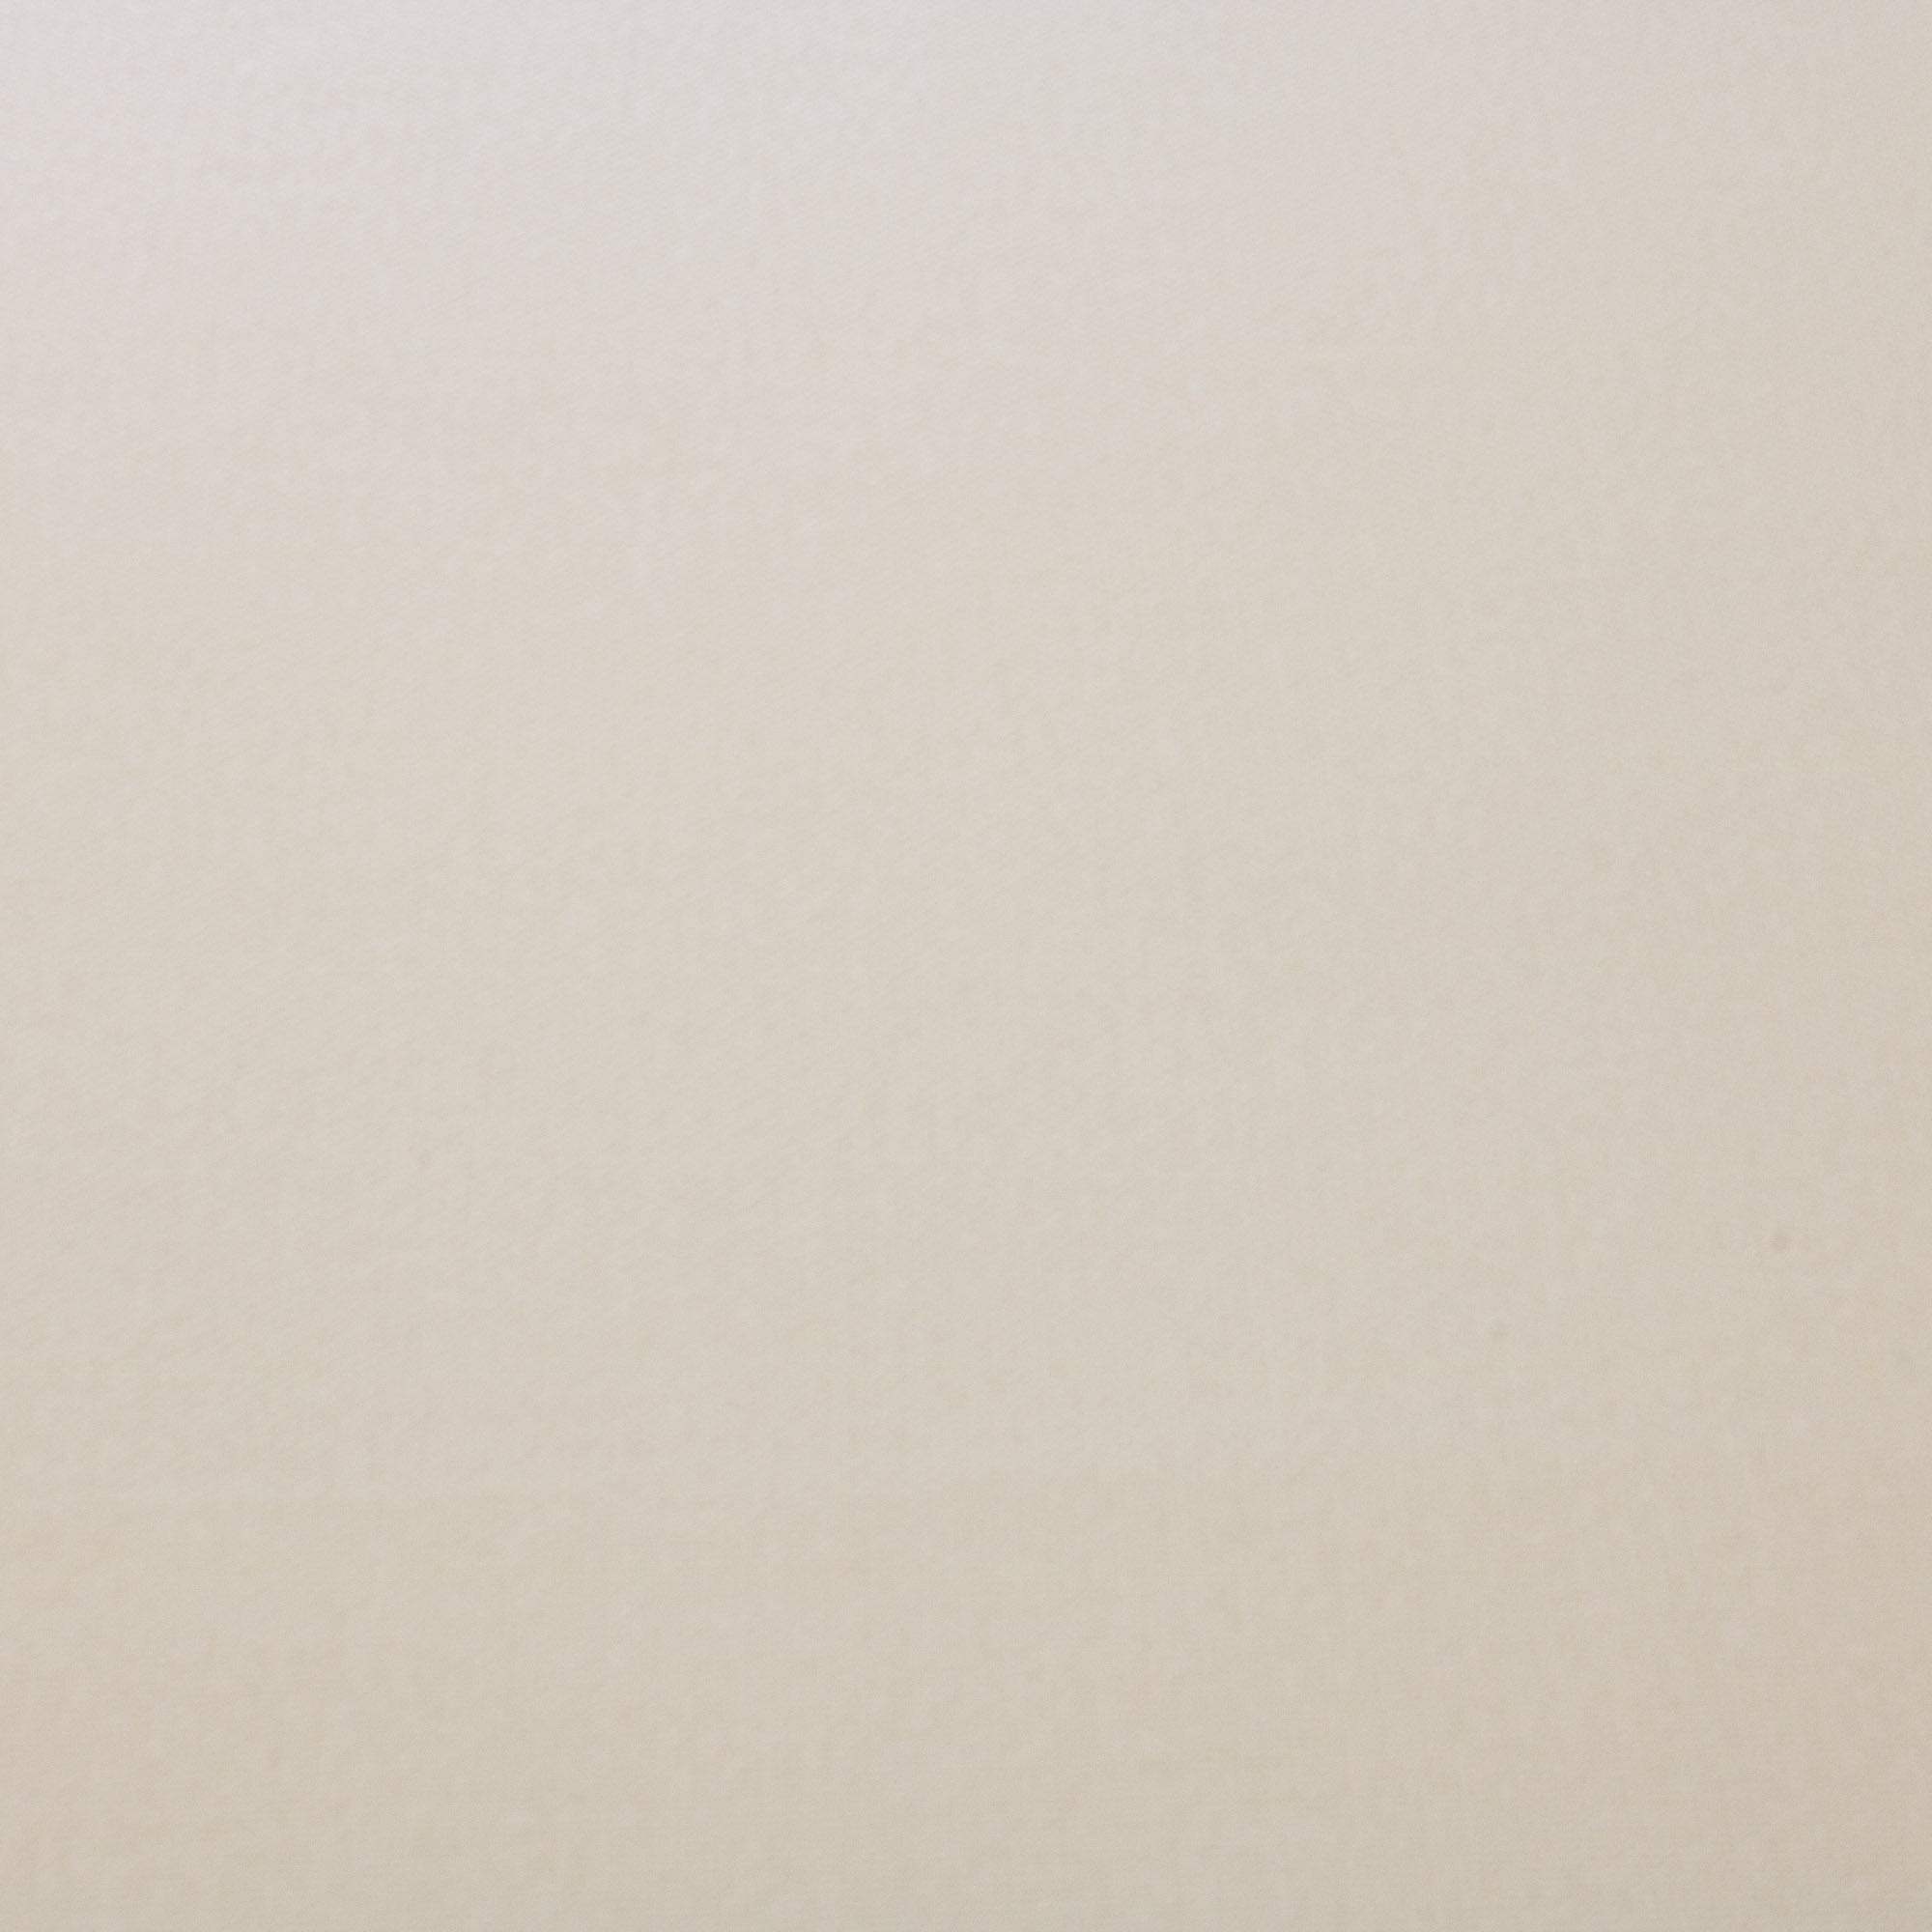 Tecido Canhamo Grosso Dohler 100% Algodao Branco